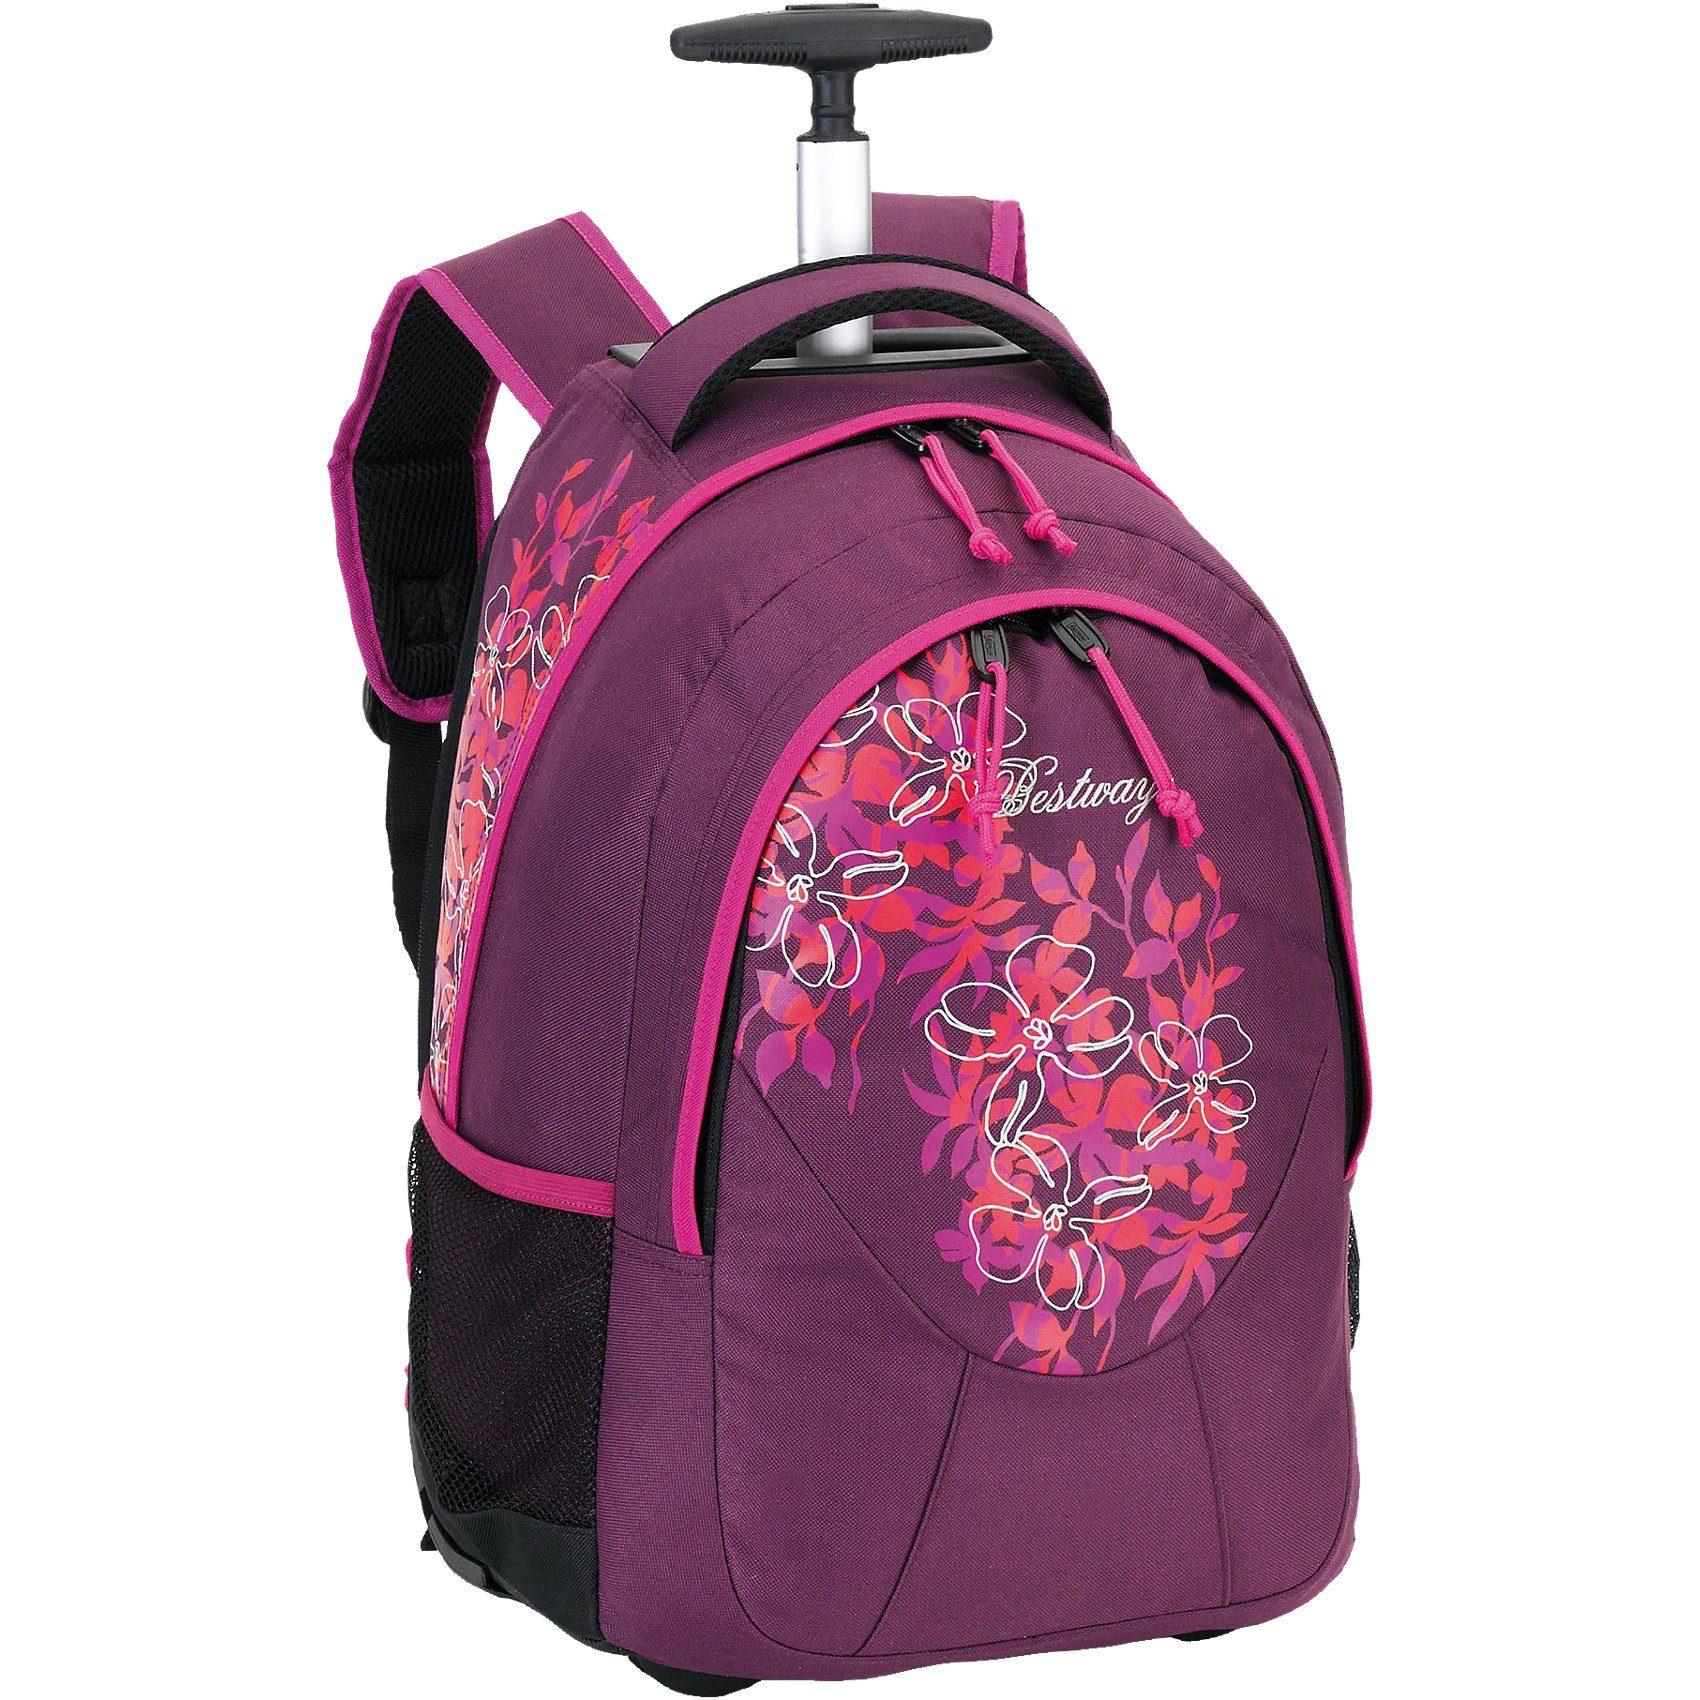 Rucksacktrolley Bestway violett/pink